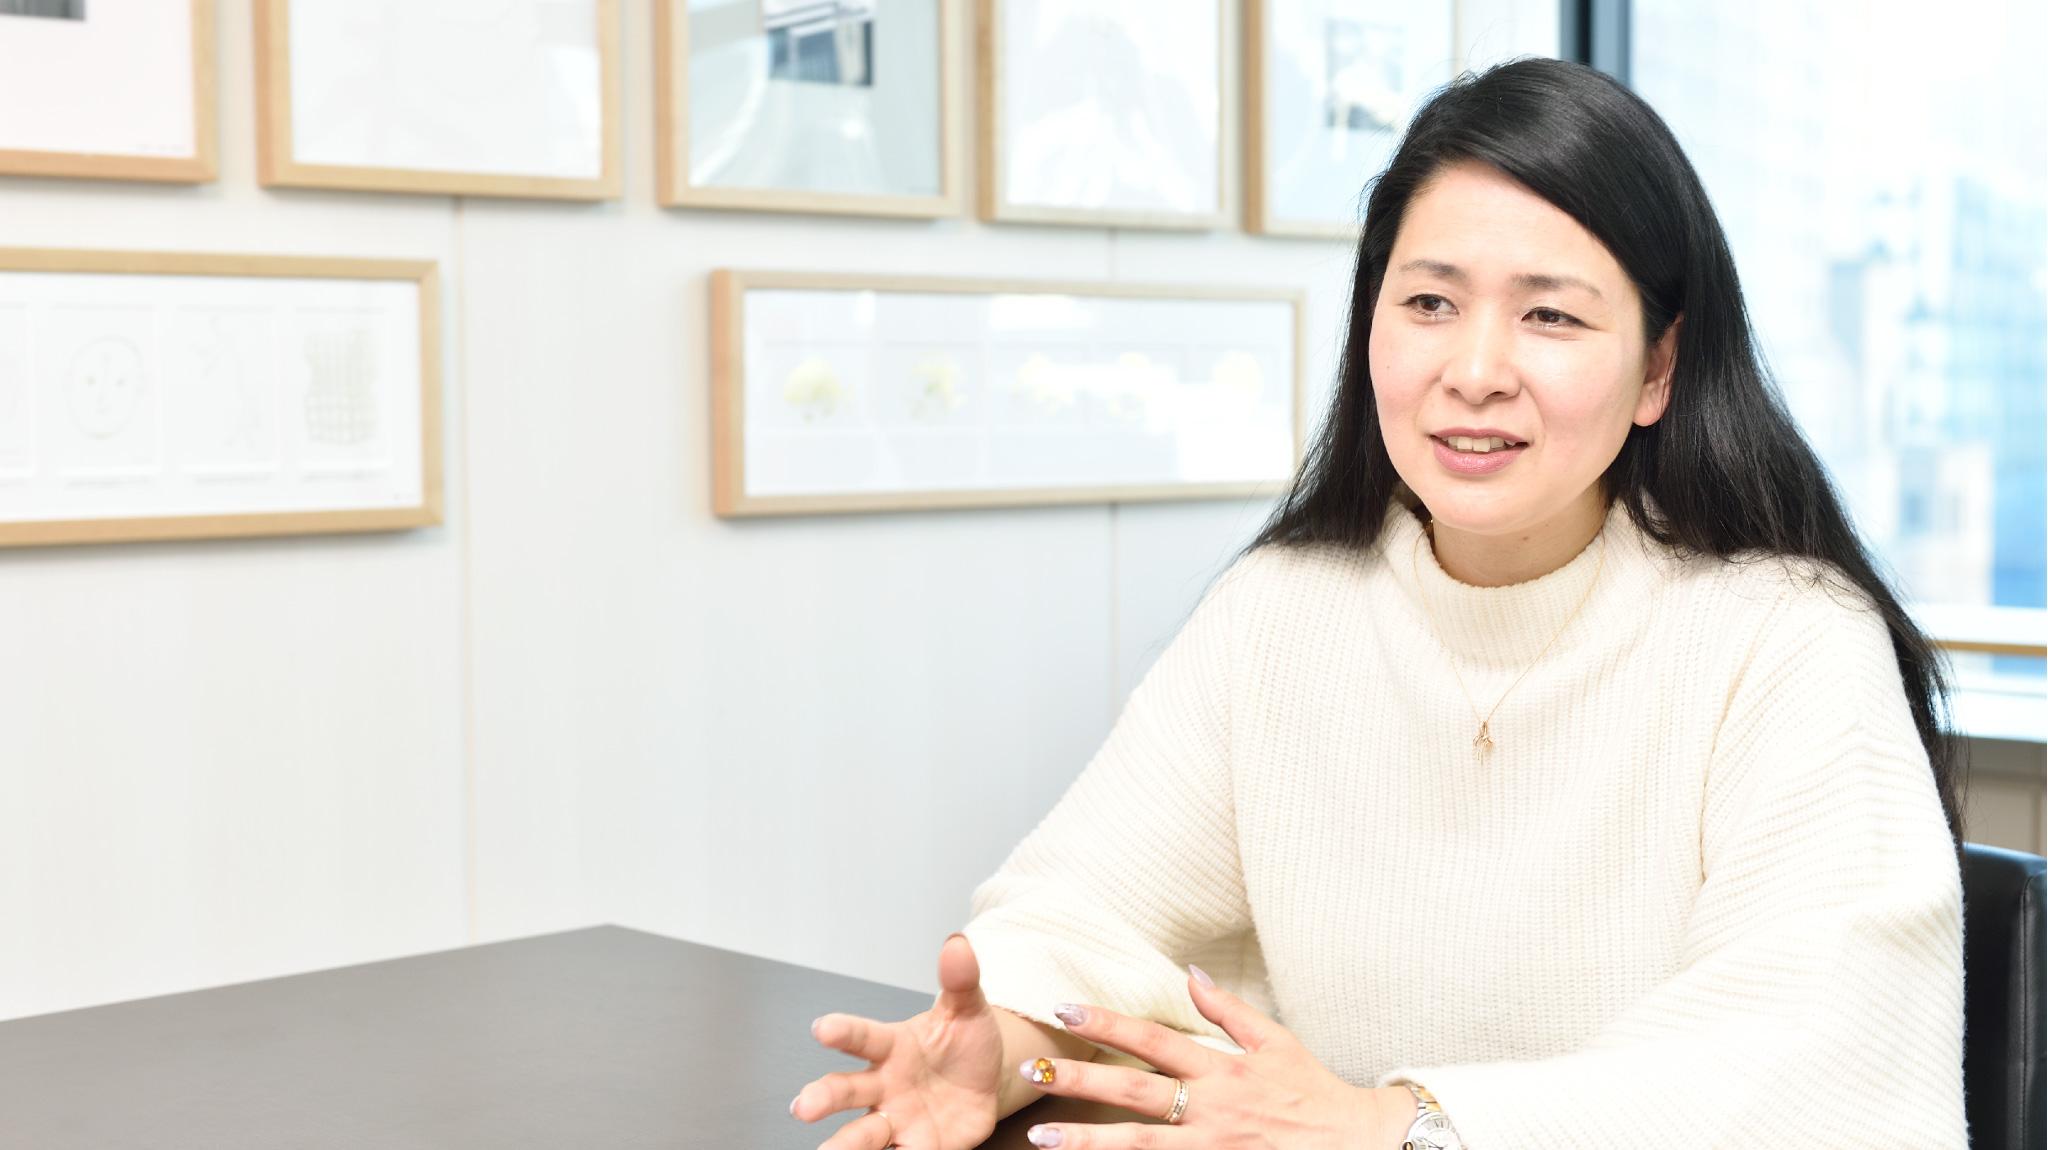 株式会社リクルートスタッフィング代表取締役社長 柏村美生